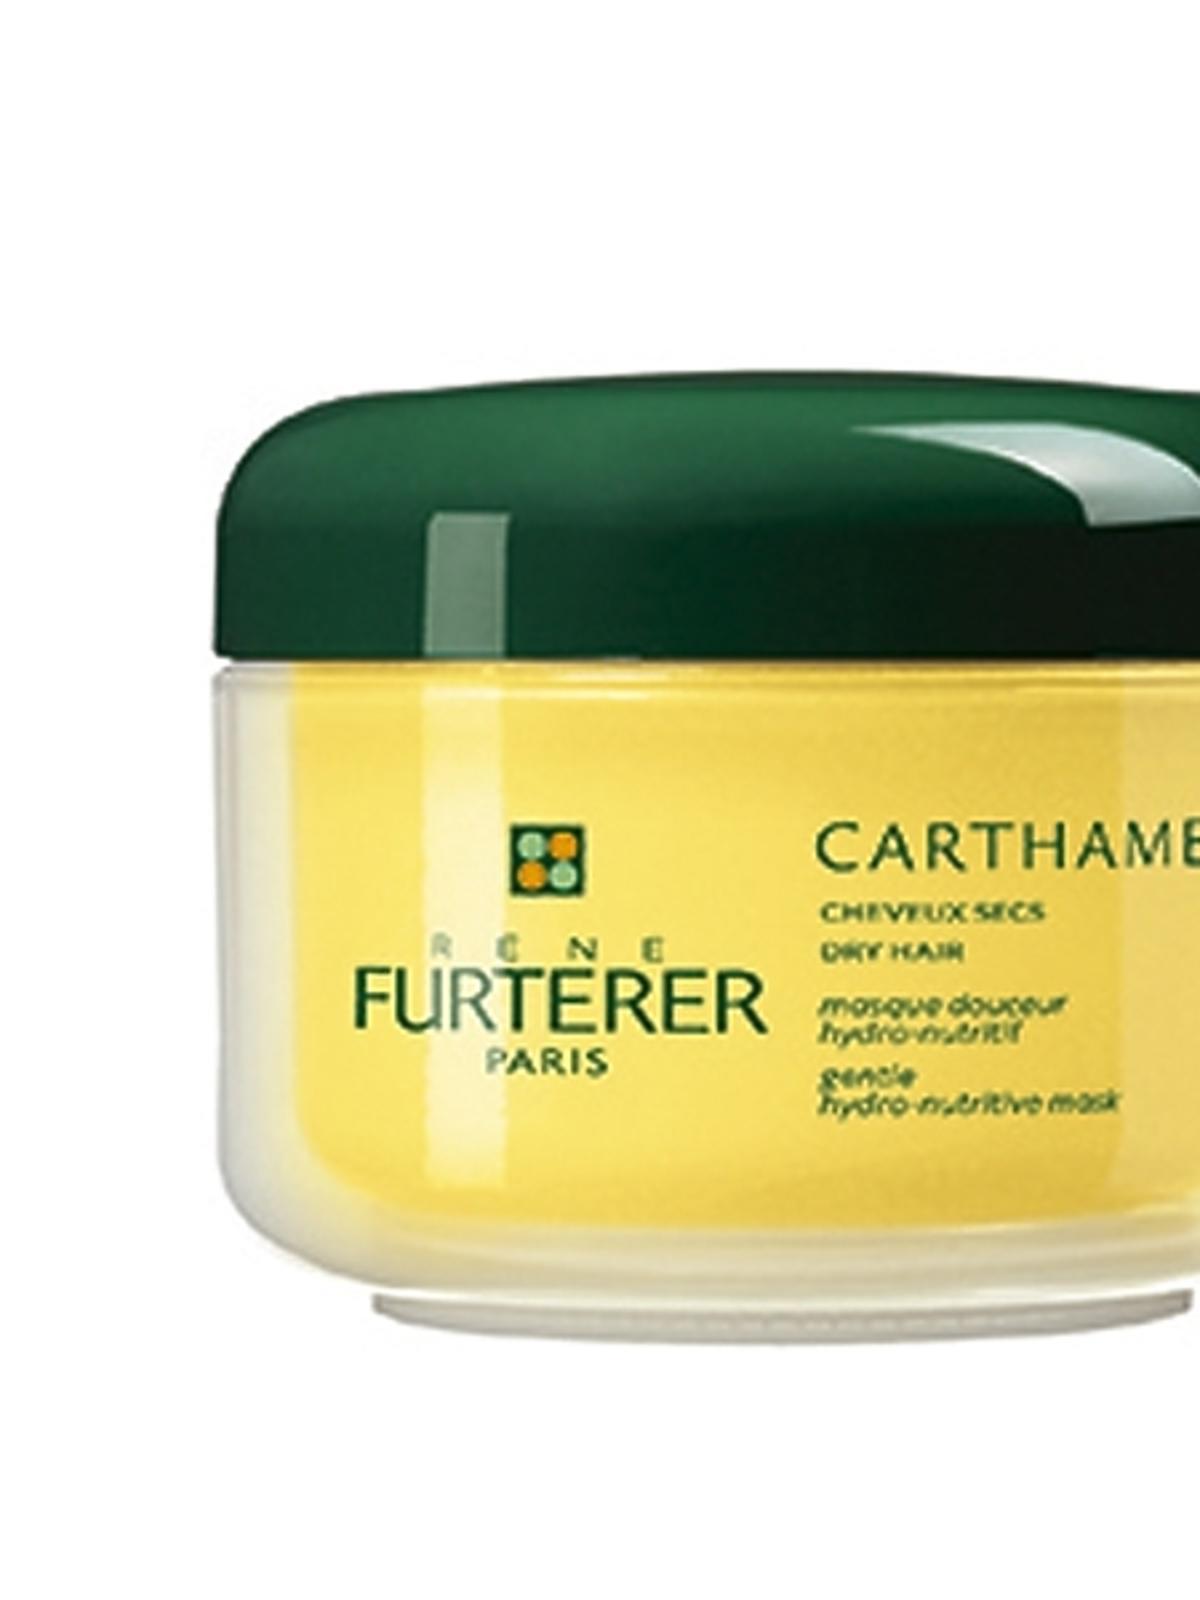 Rene Furterer Carthame, maska odżywczo-nawilżająca, cena